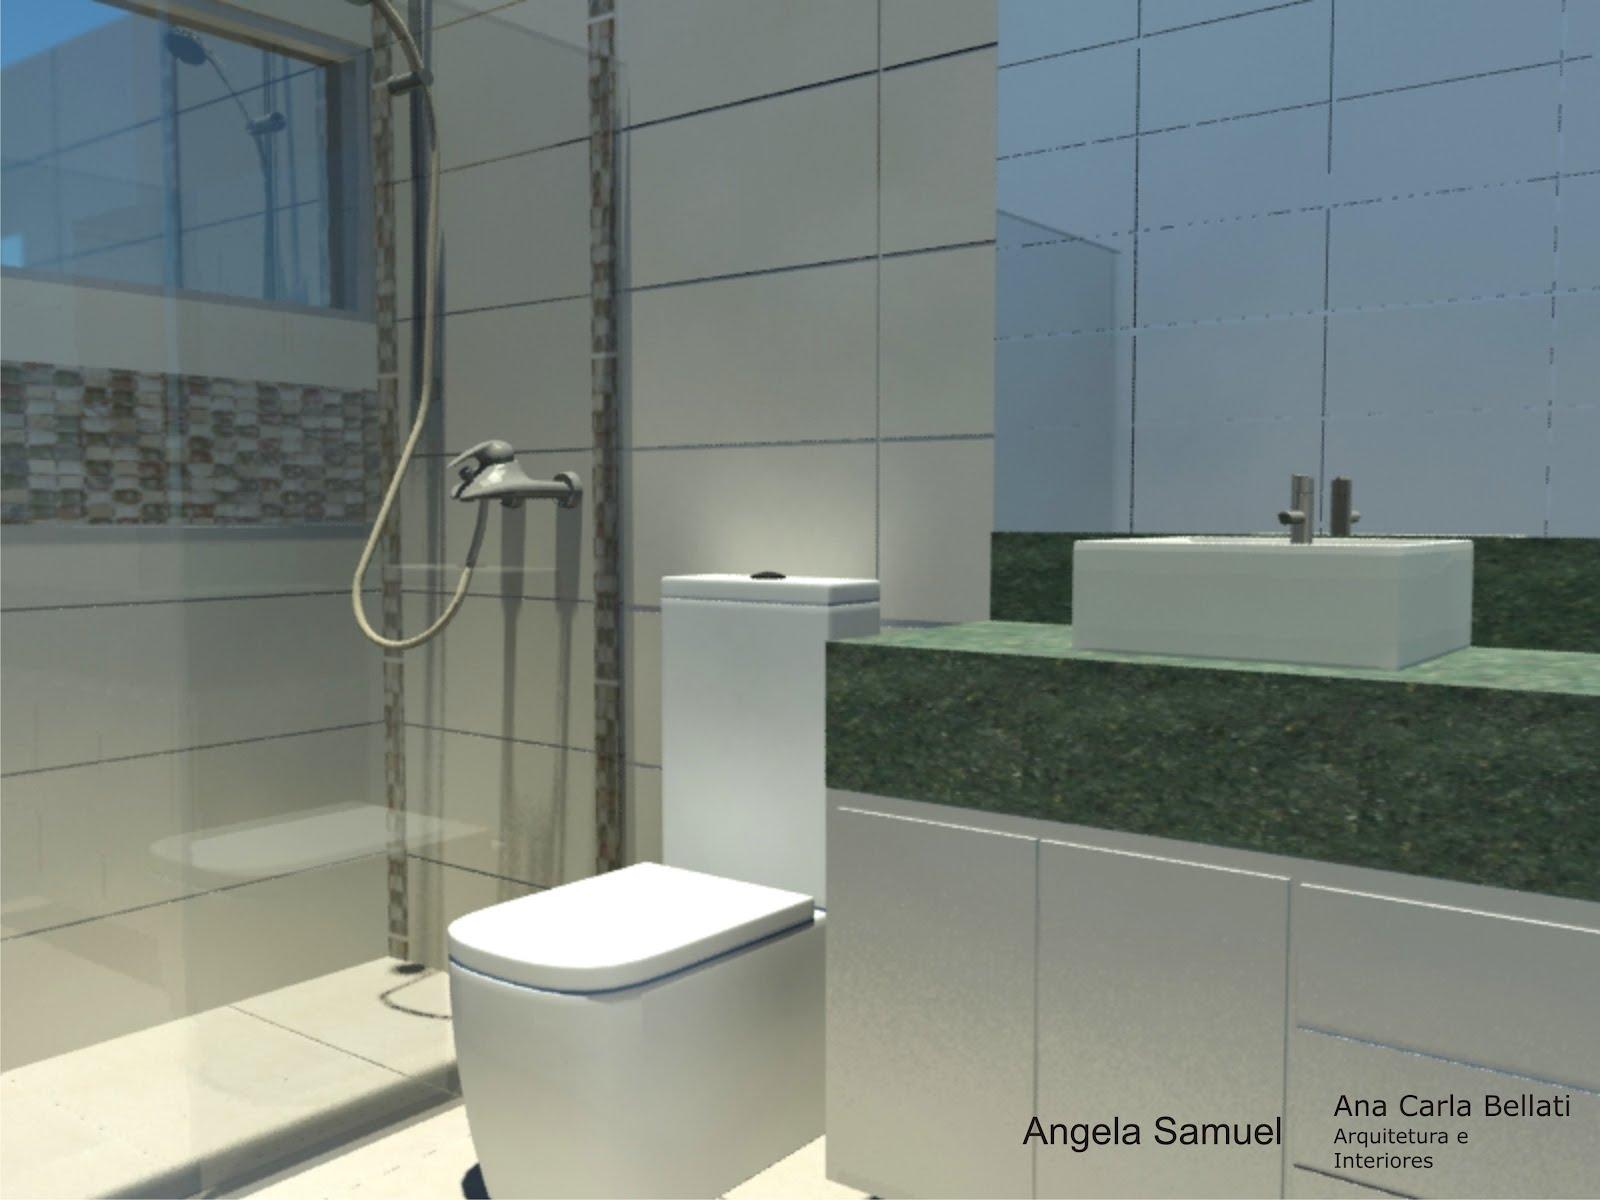 arquitetura atelier: REFORMA DE BANHEIRO APARTAMENTO VL. MONUMENTO #838048 1600 1200